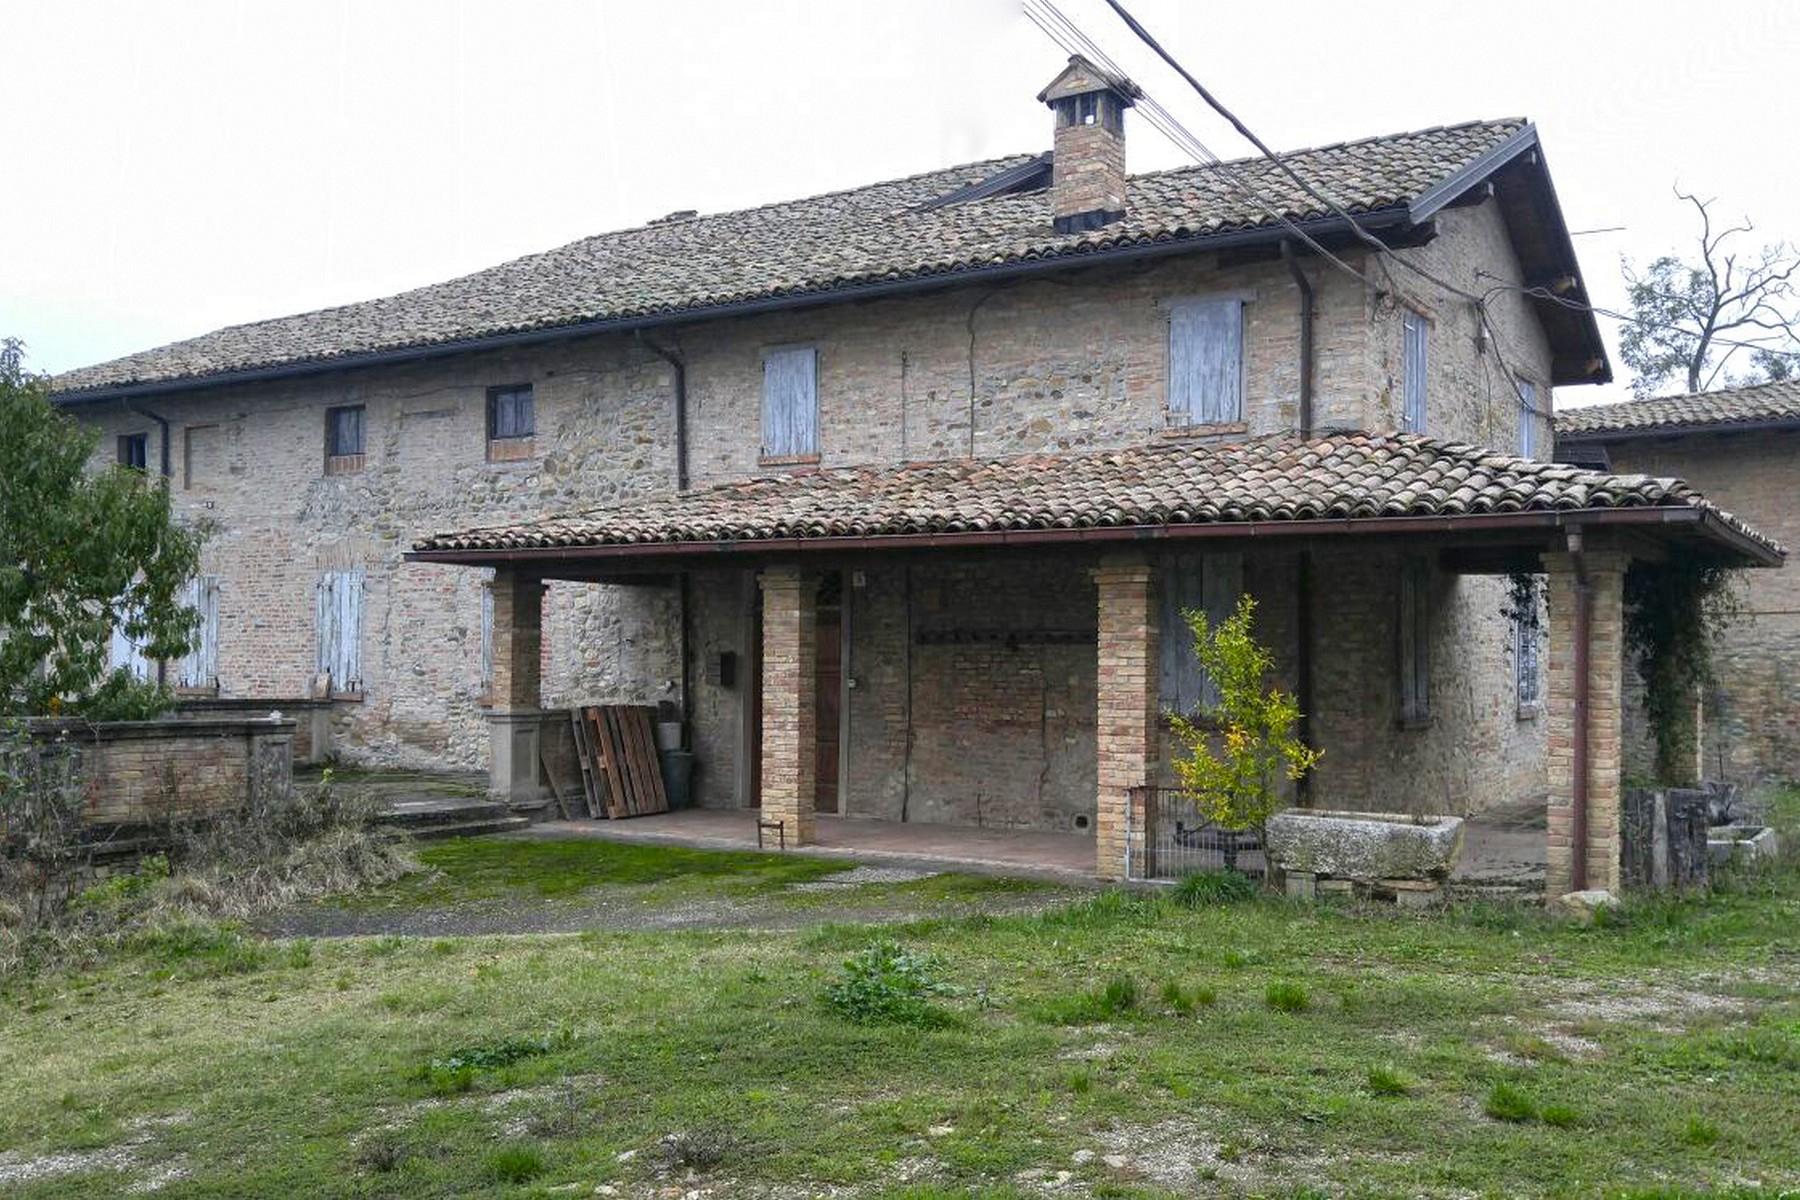 Rustico in Vendita a Castelvetro Di Modena: 5 locali, 3100 mq - Foto 5